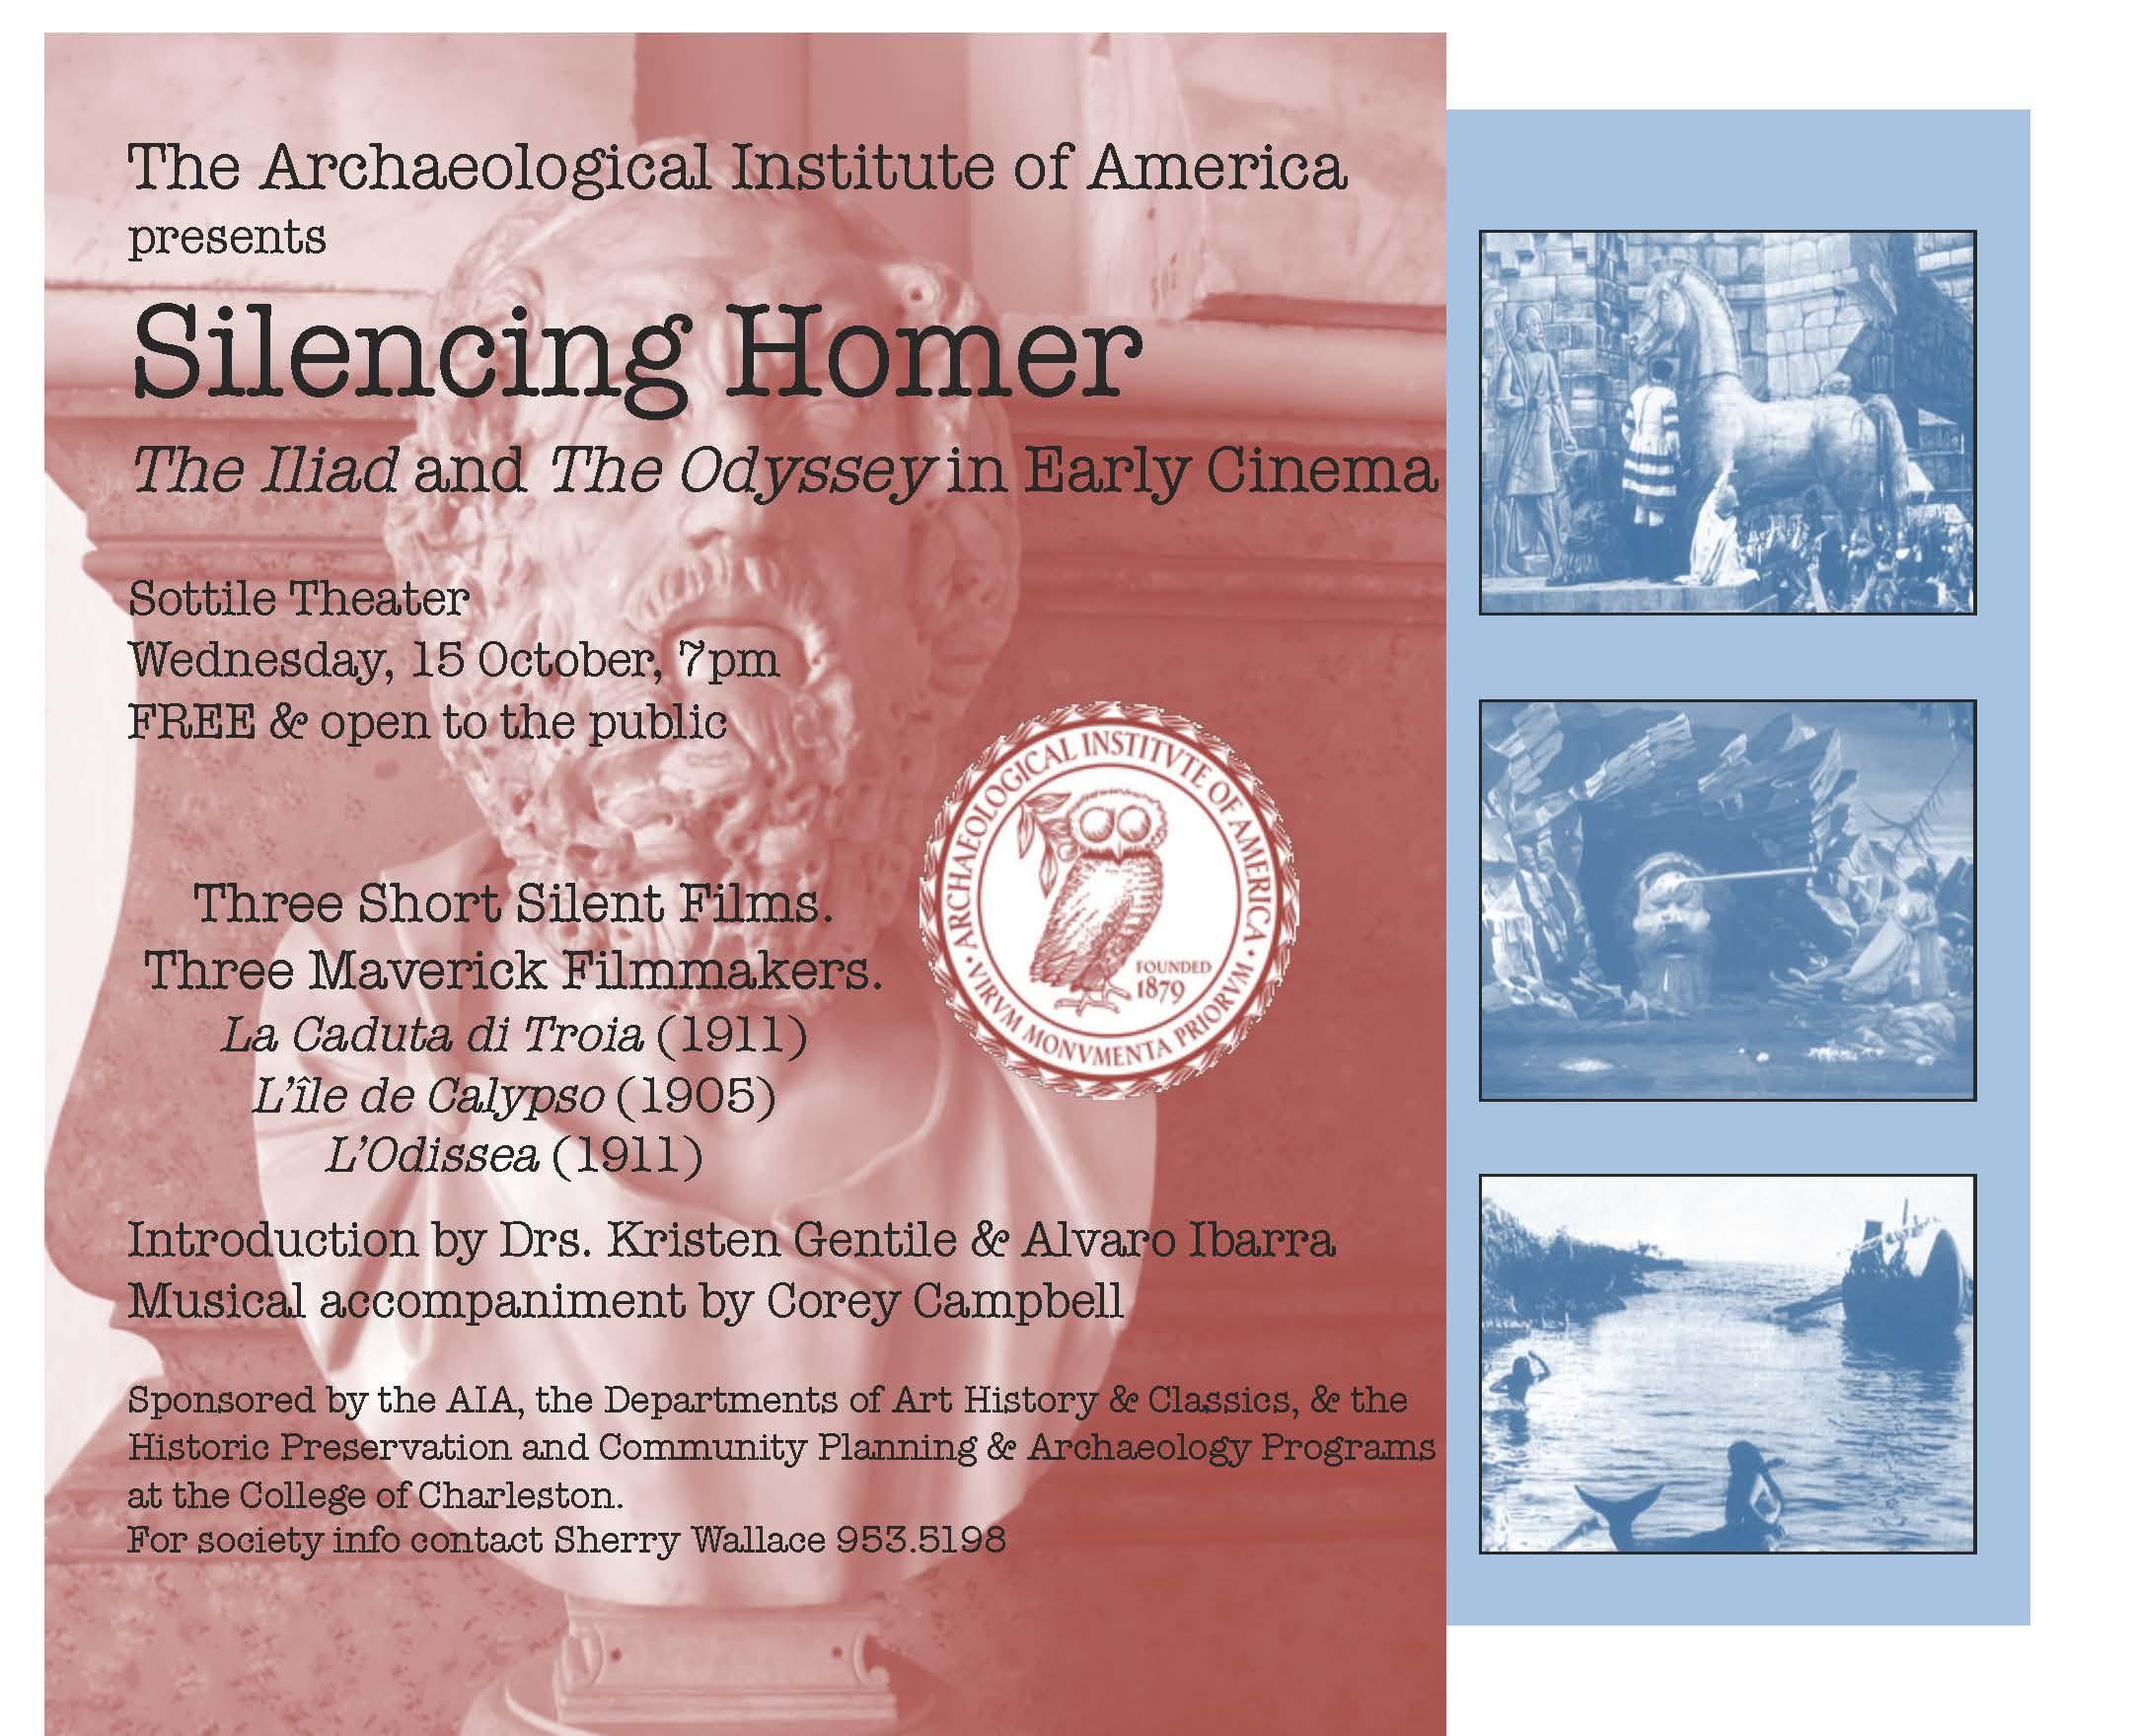 Silencing Homer flier5